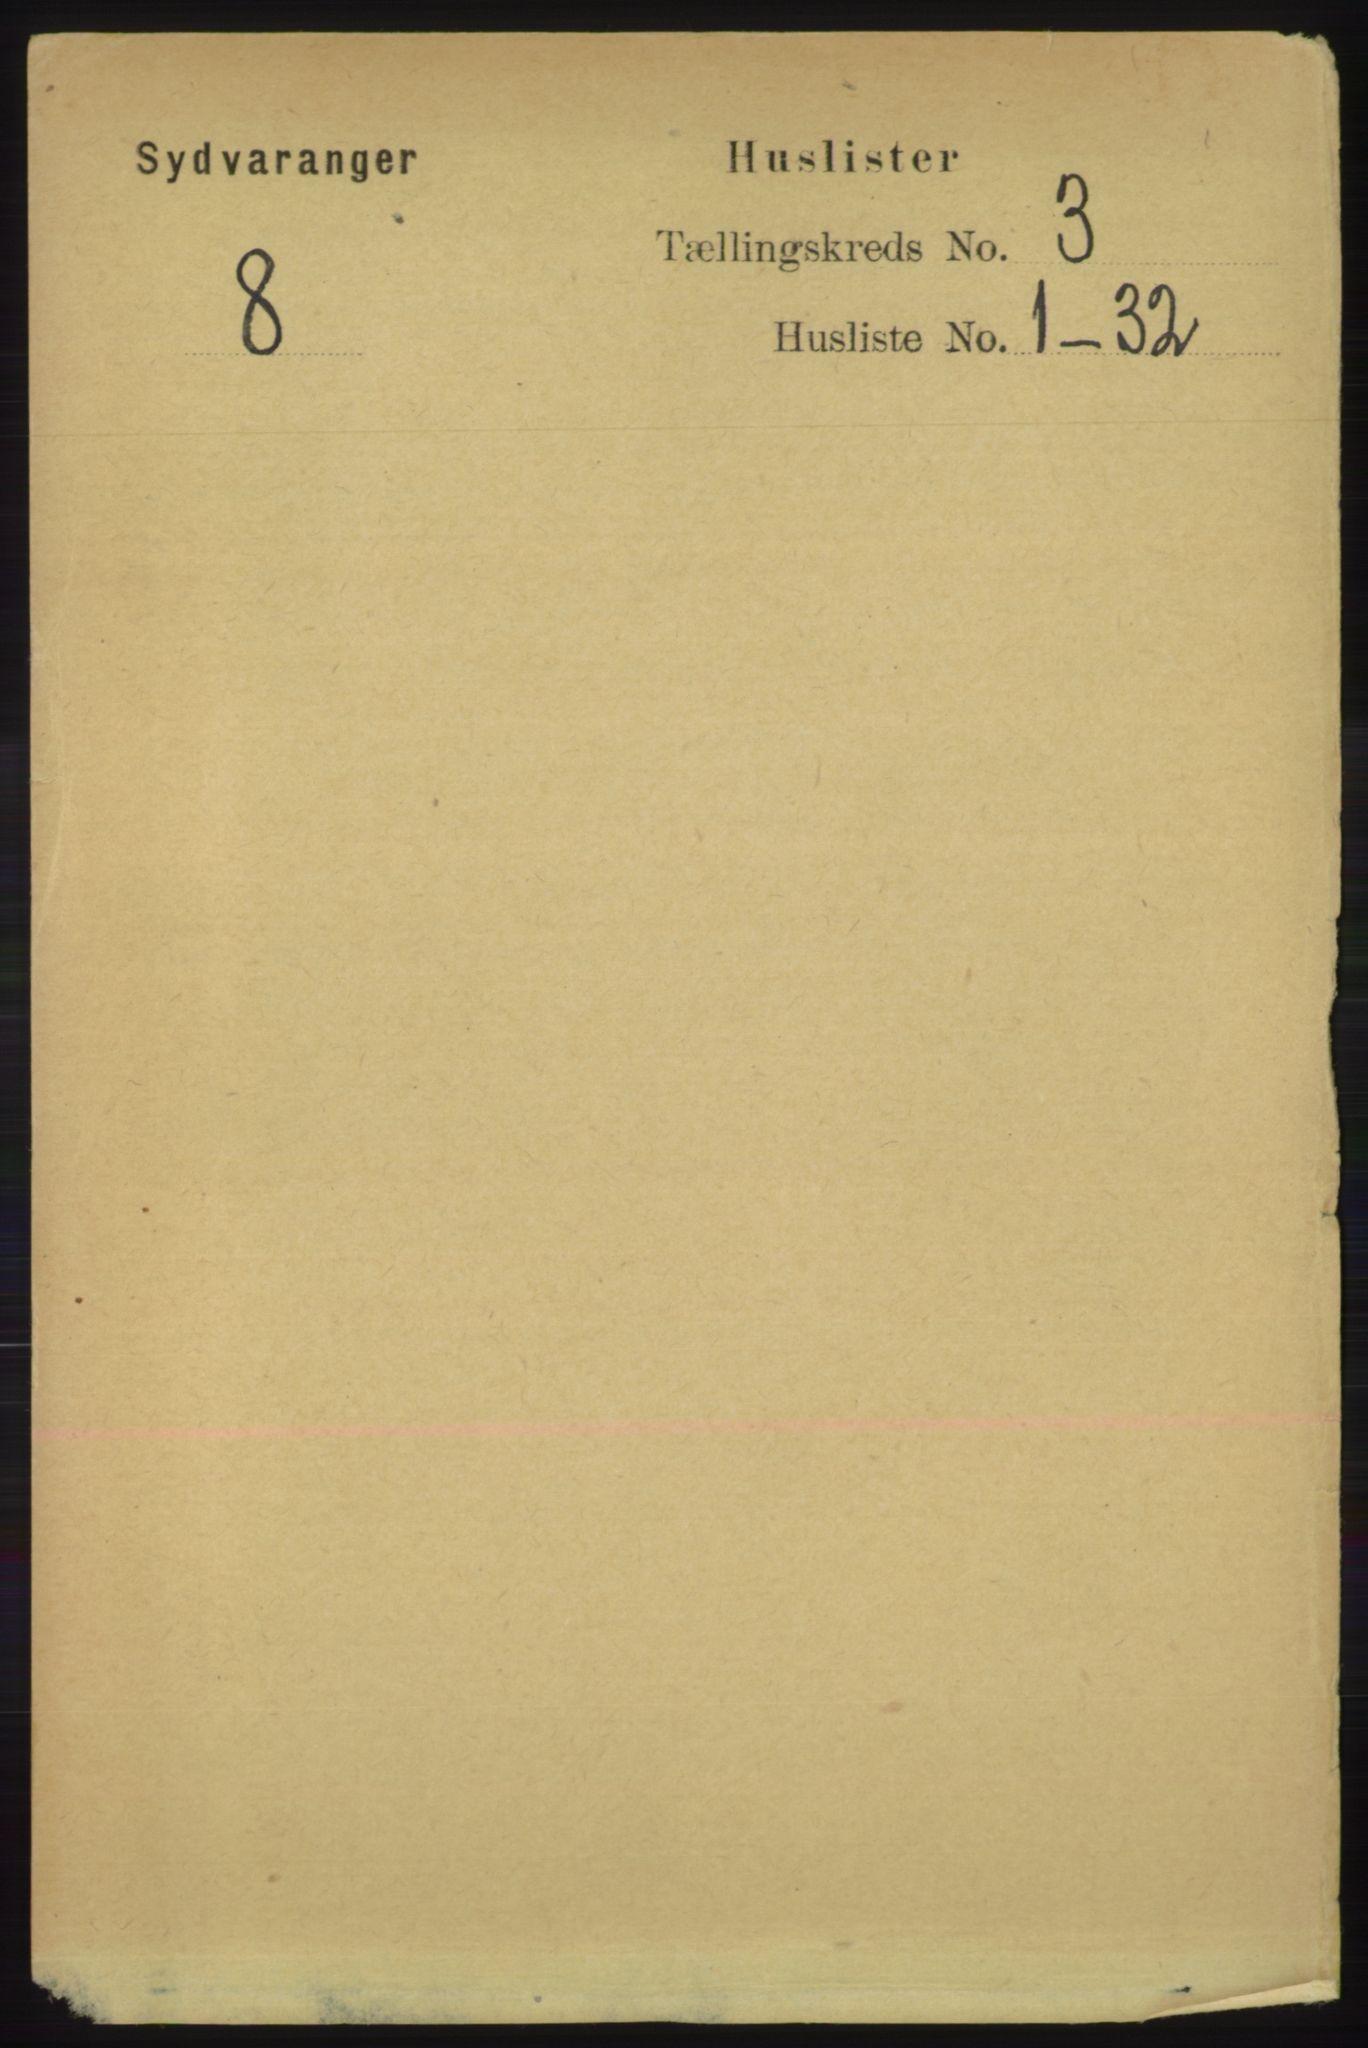 RA, Folketelling 1891 for 2030 Sør-Varanger herred, 1891, s. 747